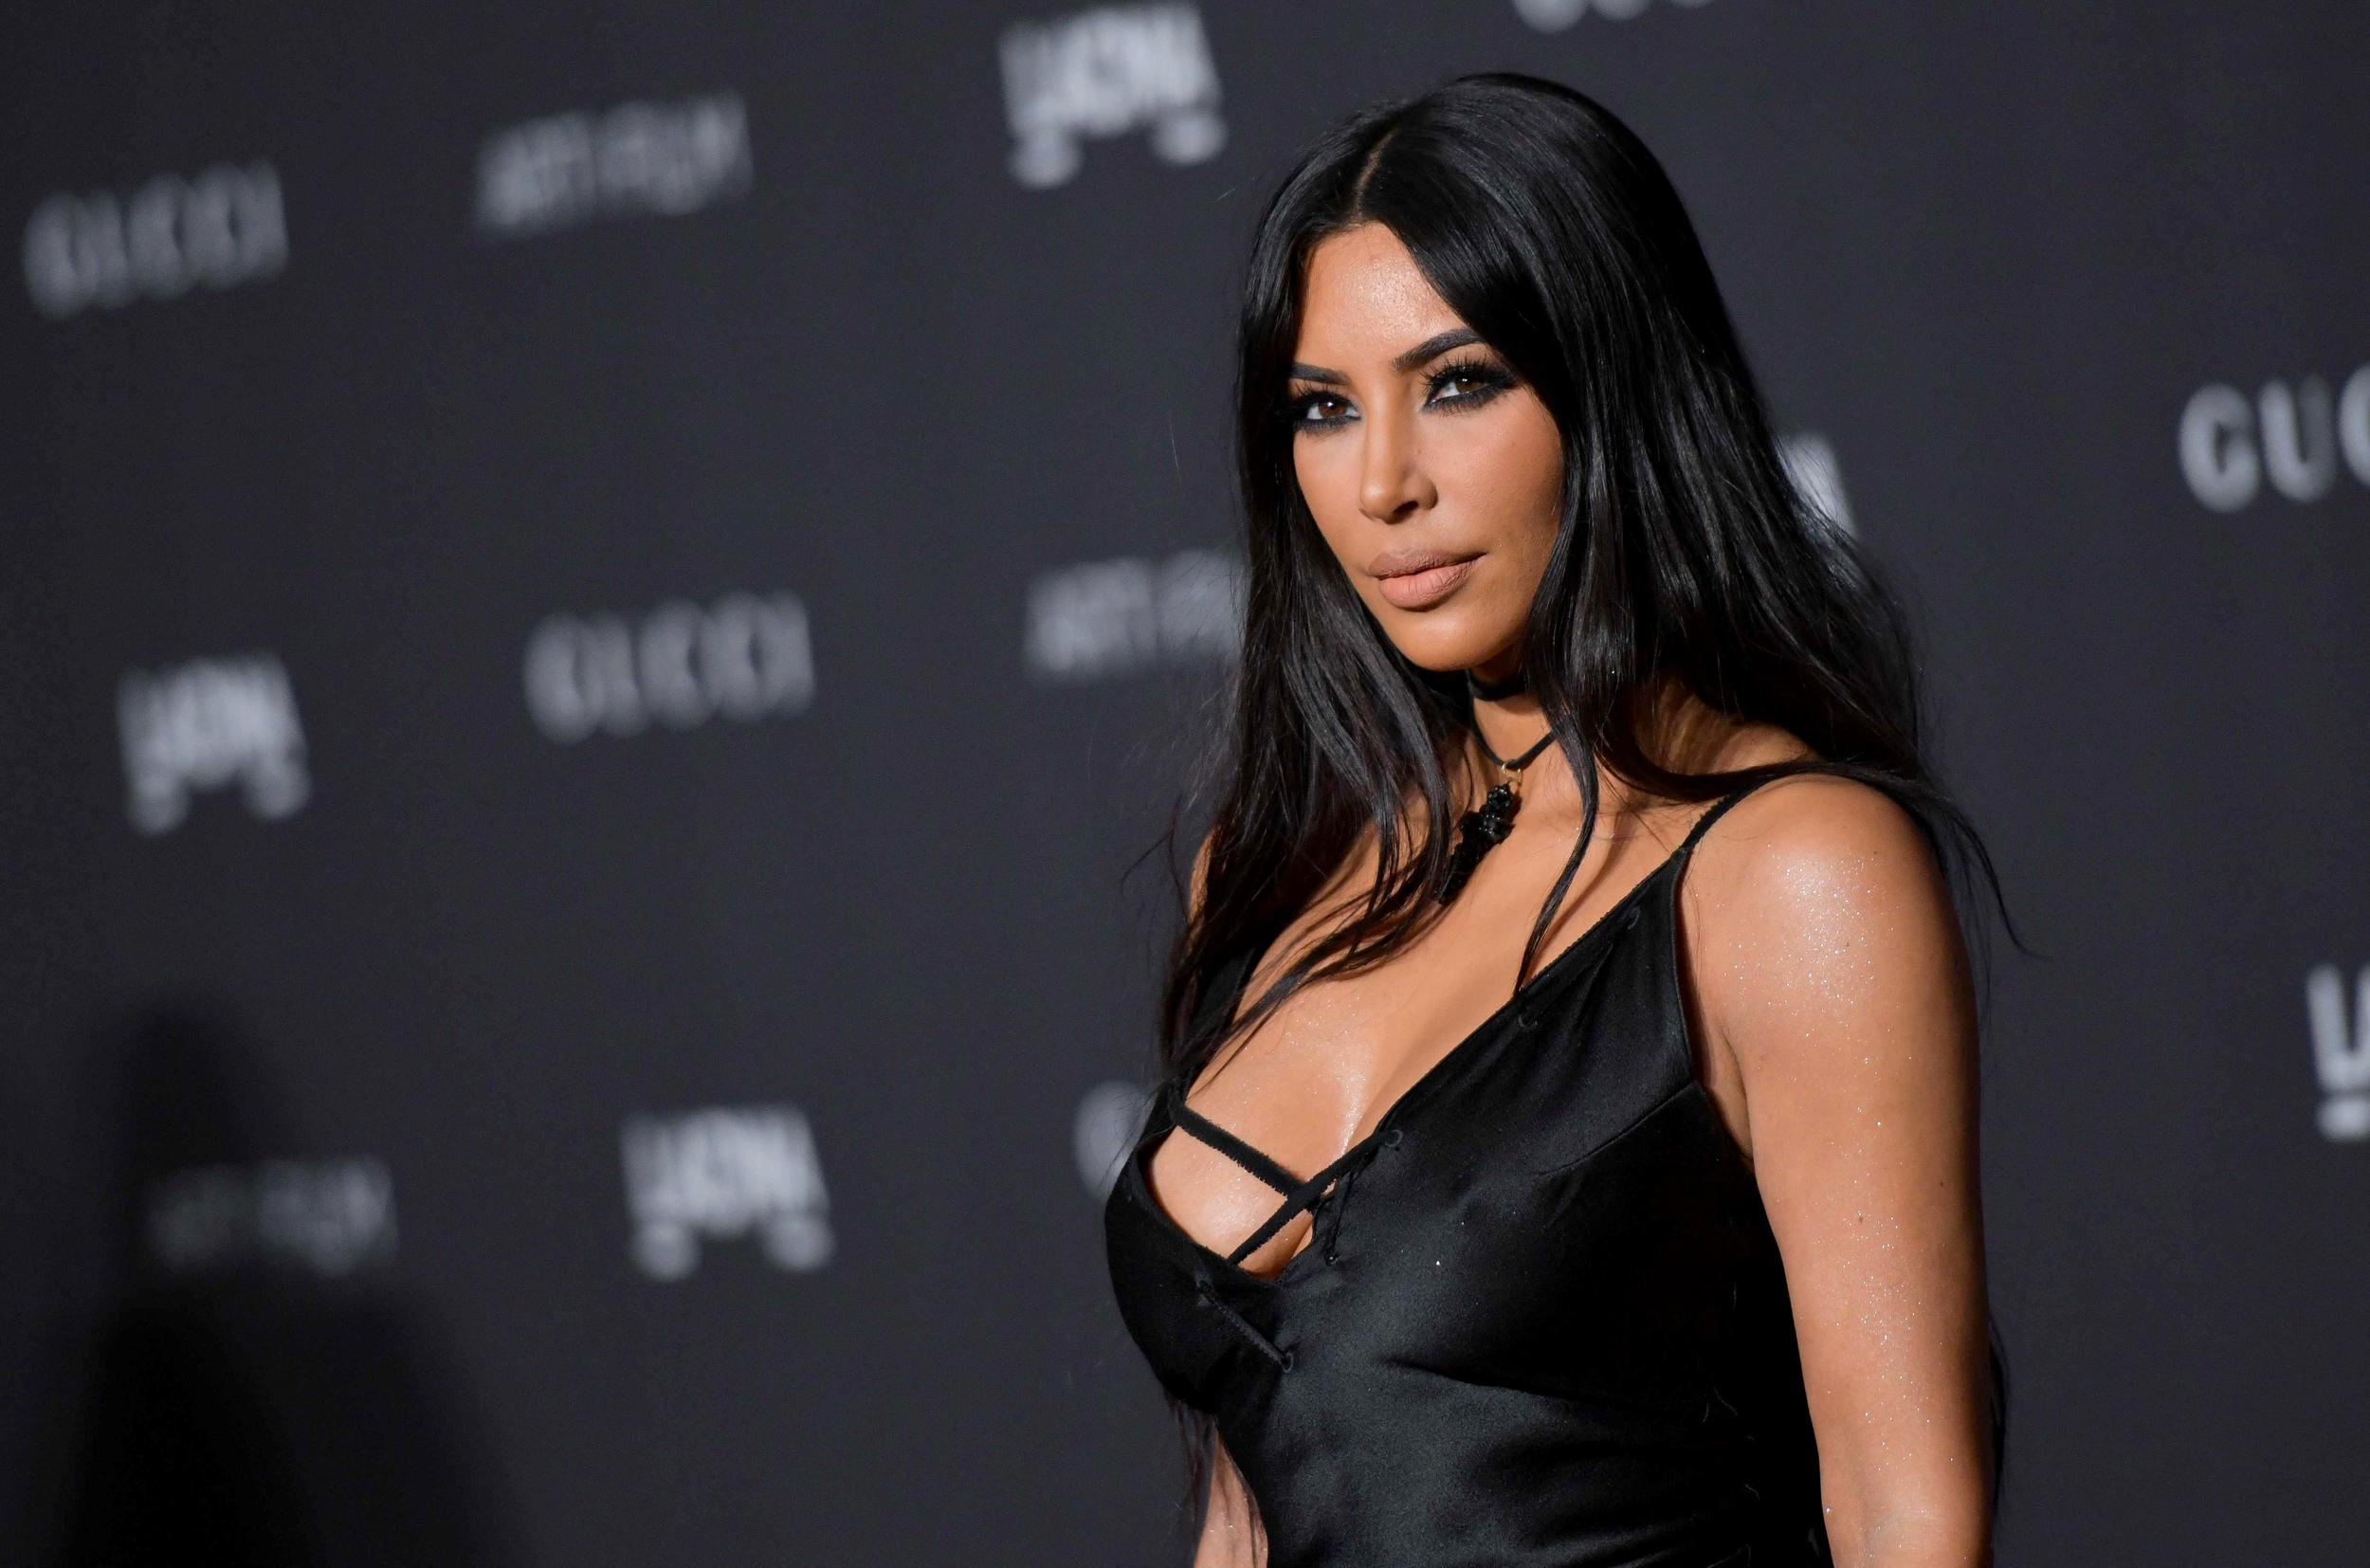 Kim kardashian sex tape pictures photo 80